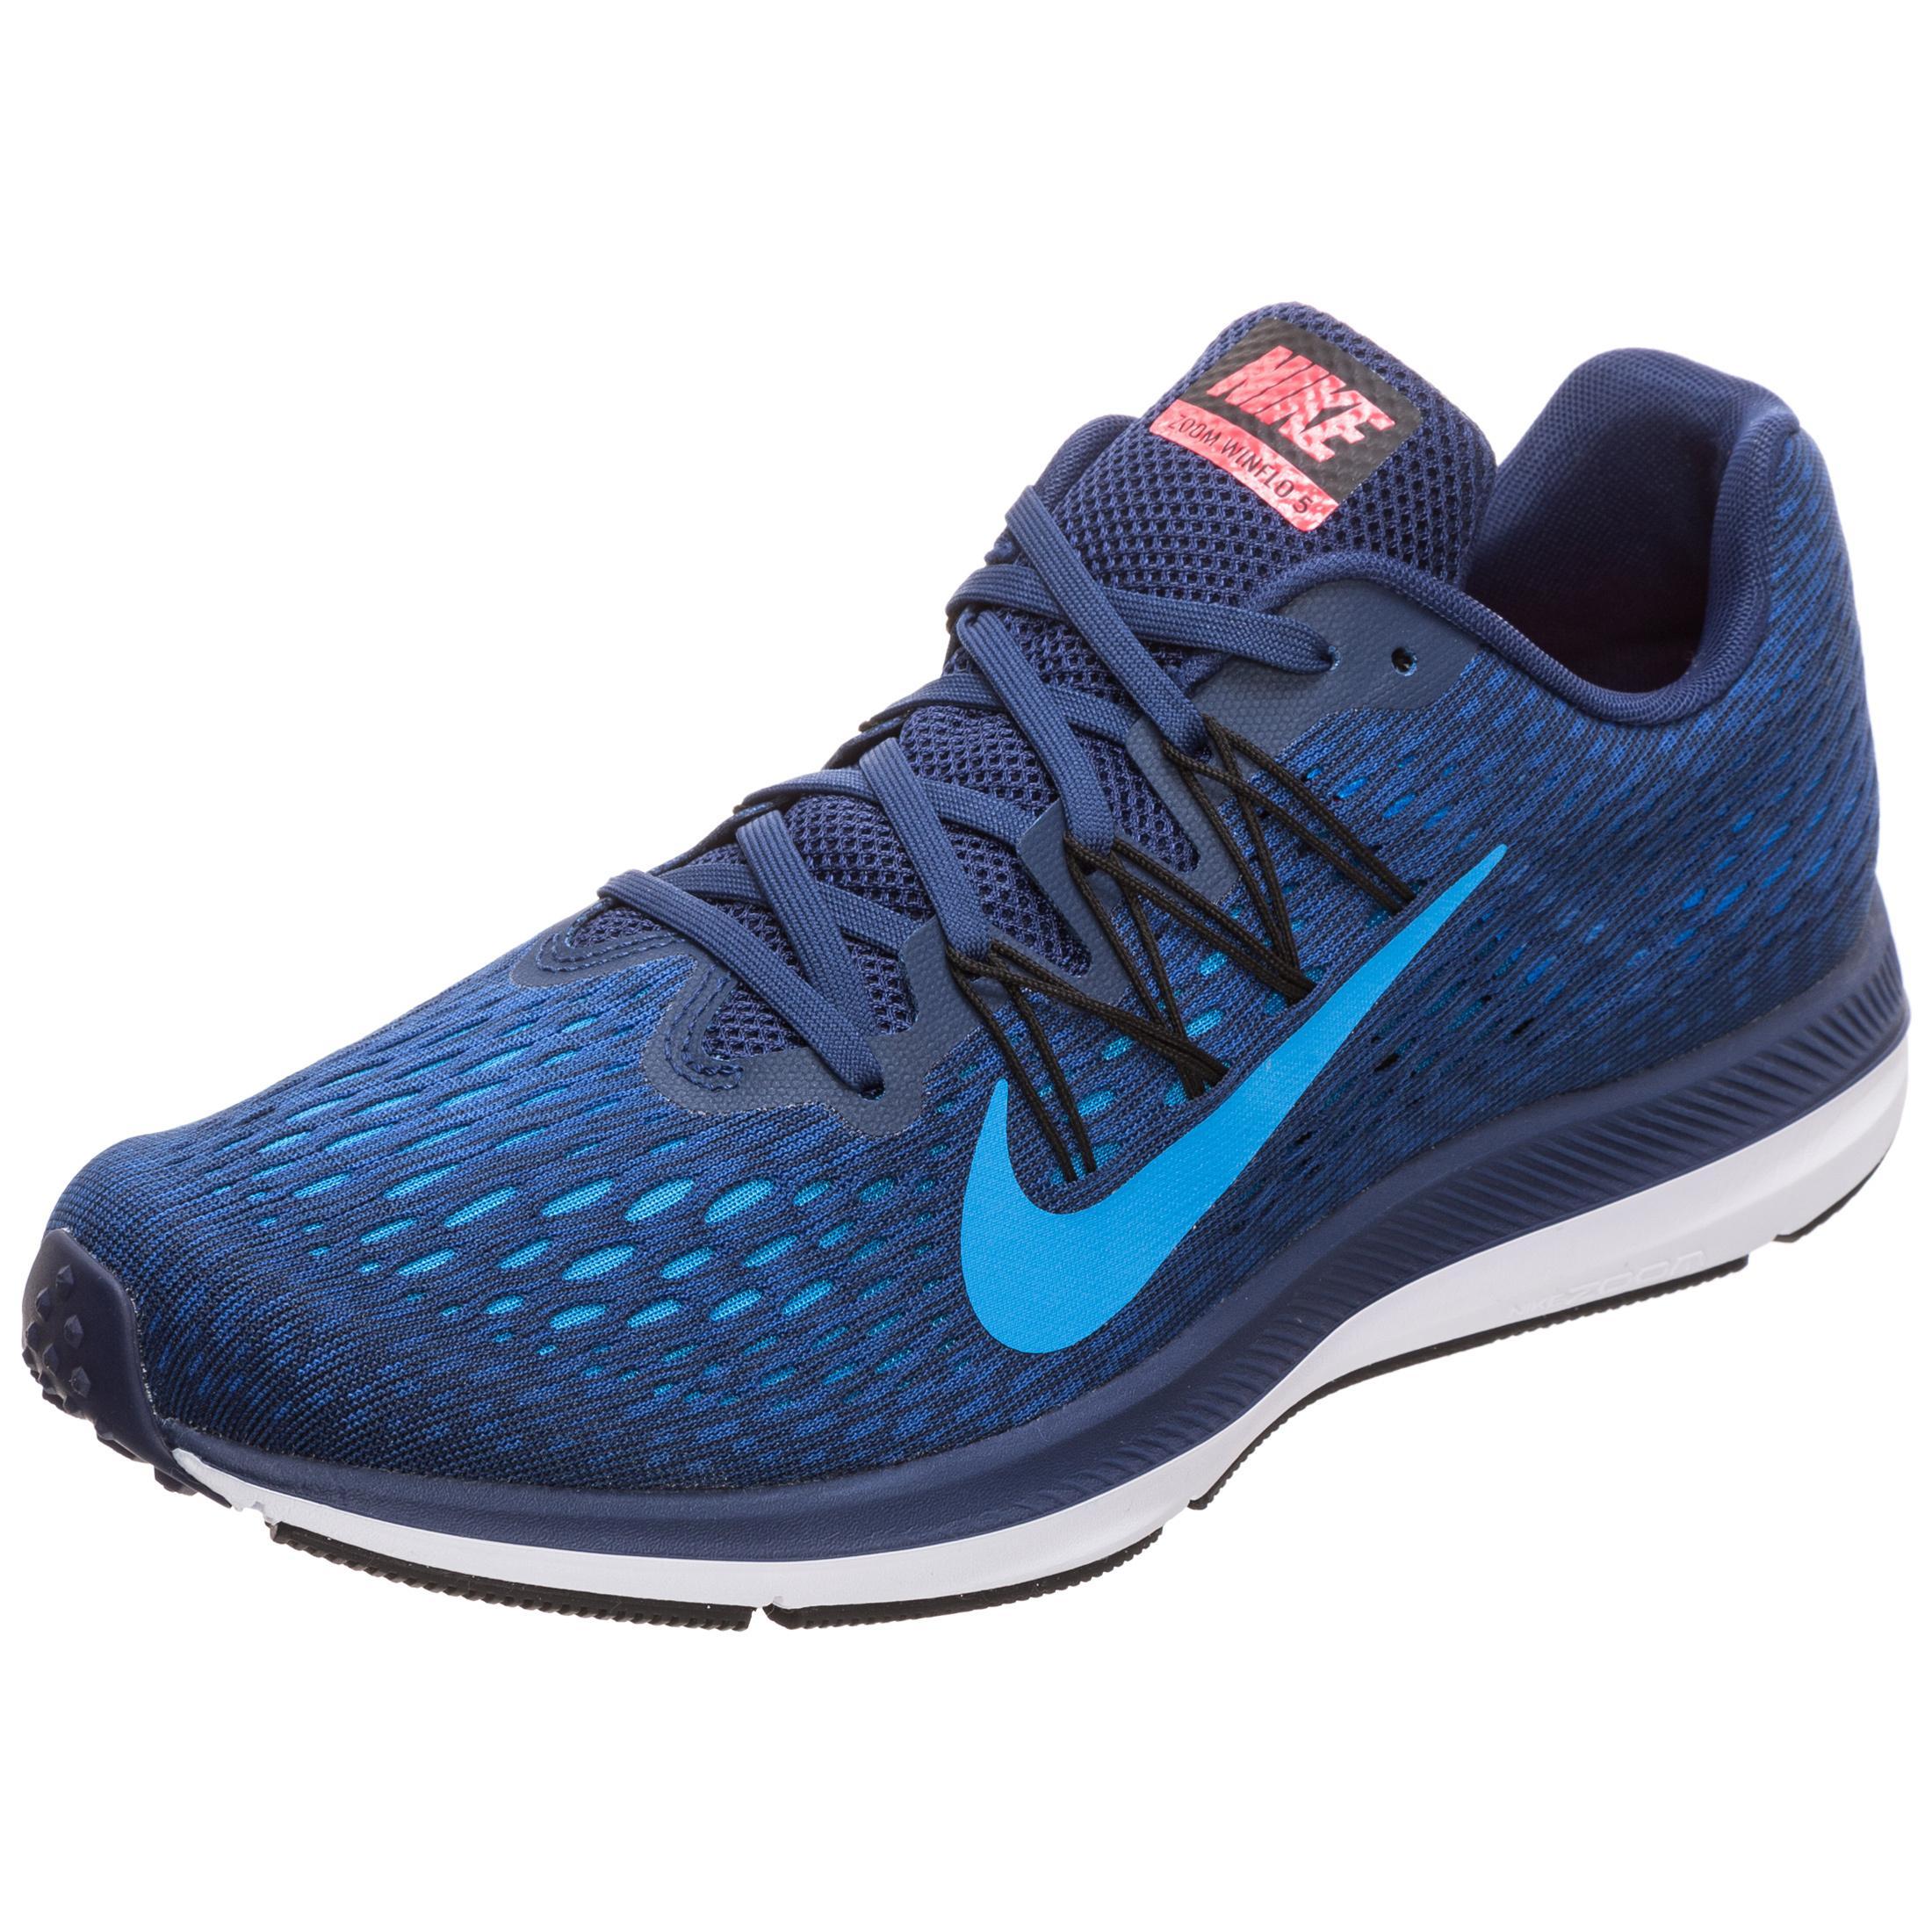 hellblau Air Nike SportScheck im von Shop Winflo Zoom Laufschuhe 5 Online kaufen Herren blau VSqUzMp